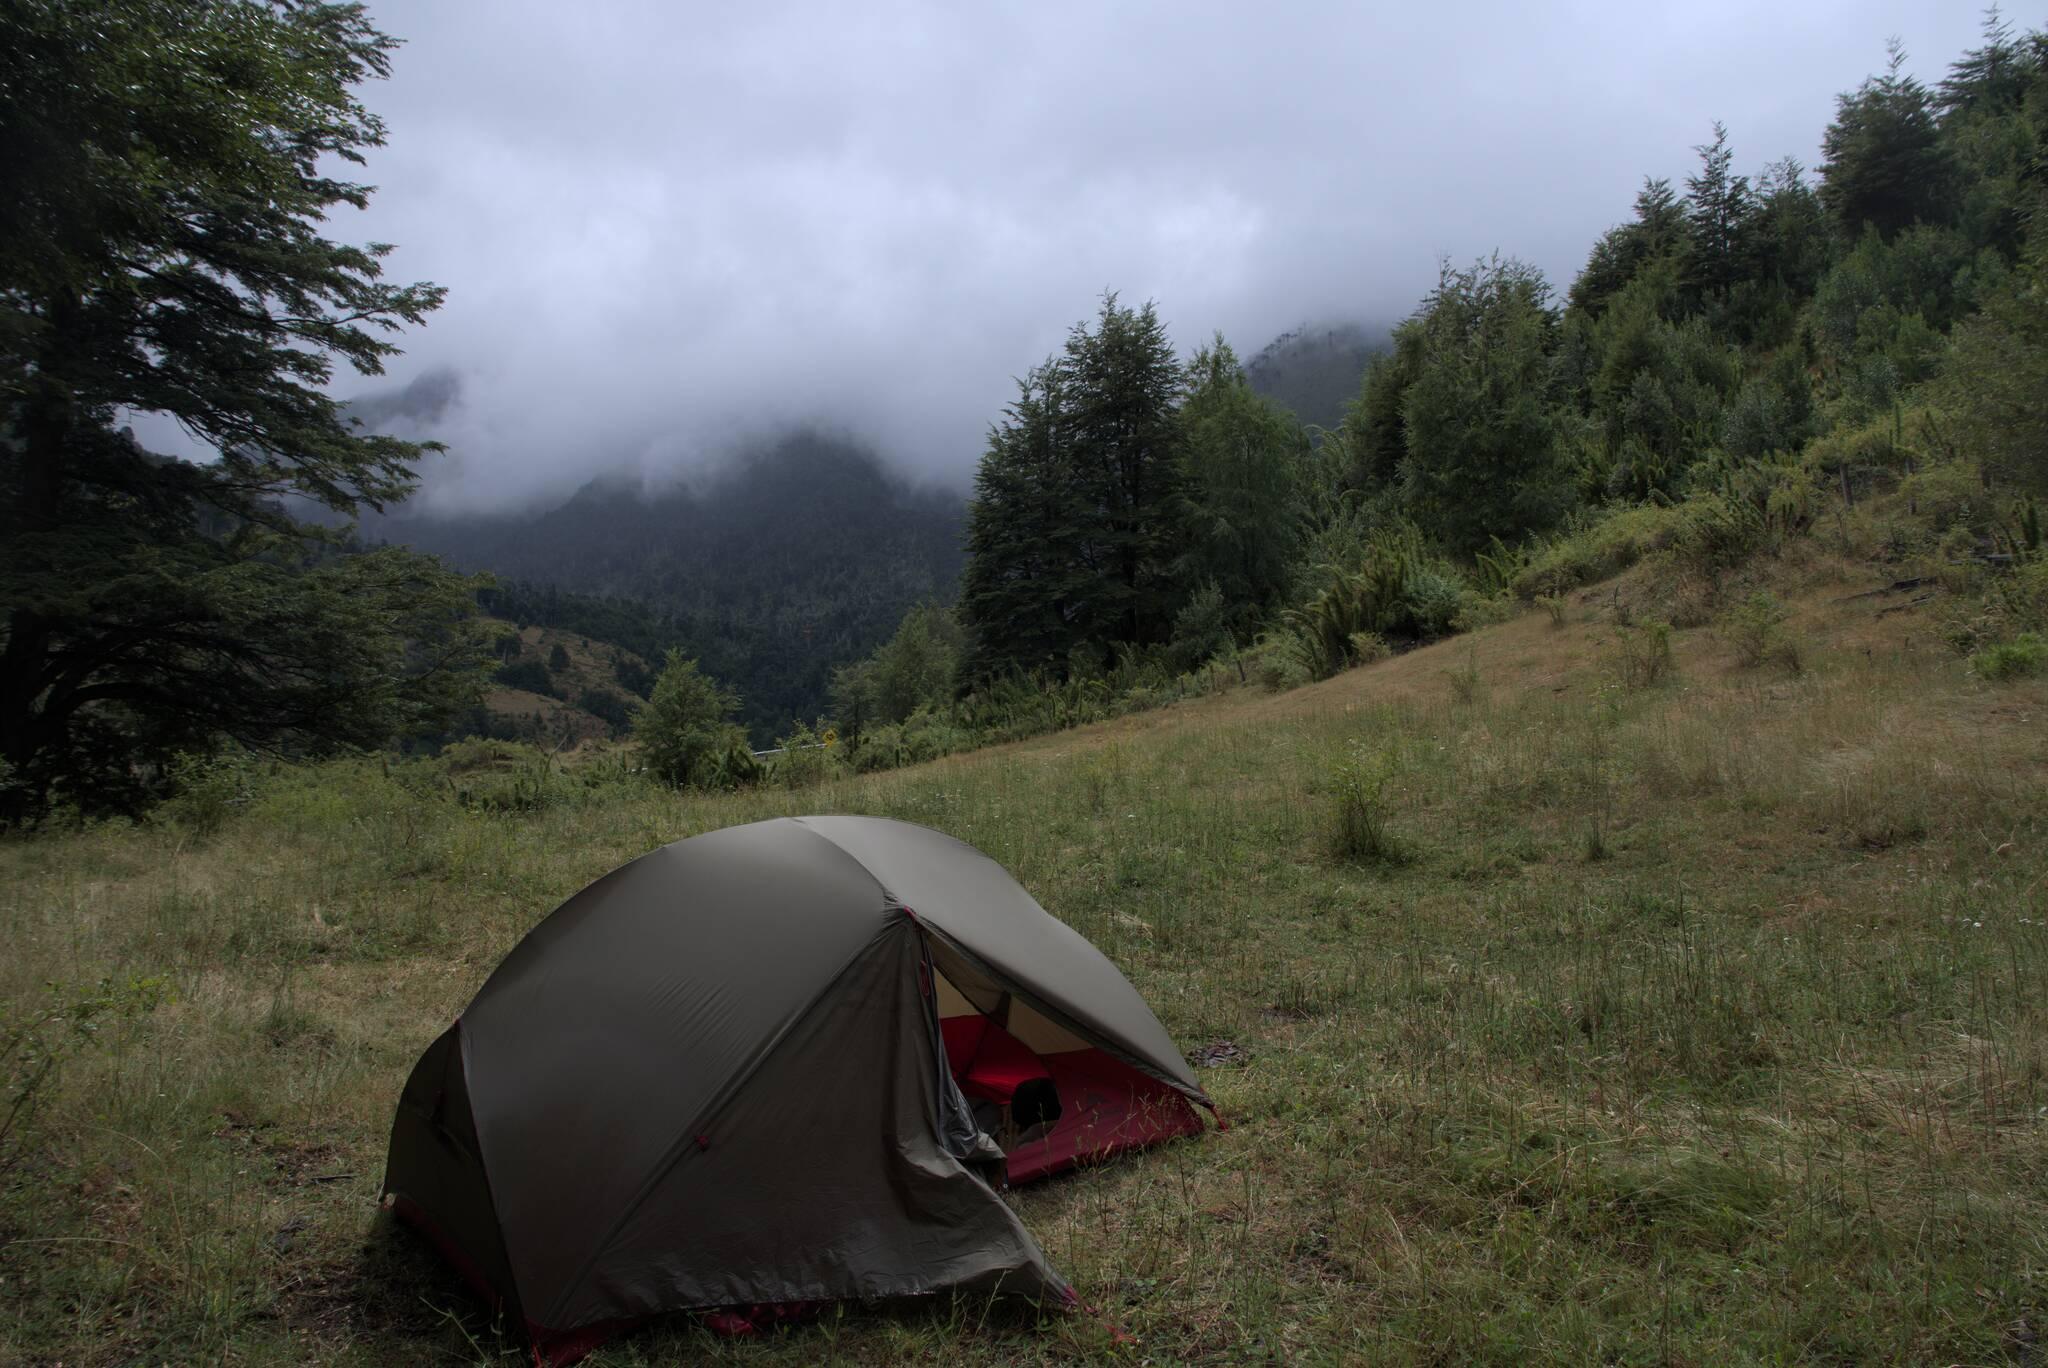 Z rana lało, więc wstałem dobrze po południu